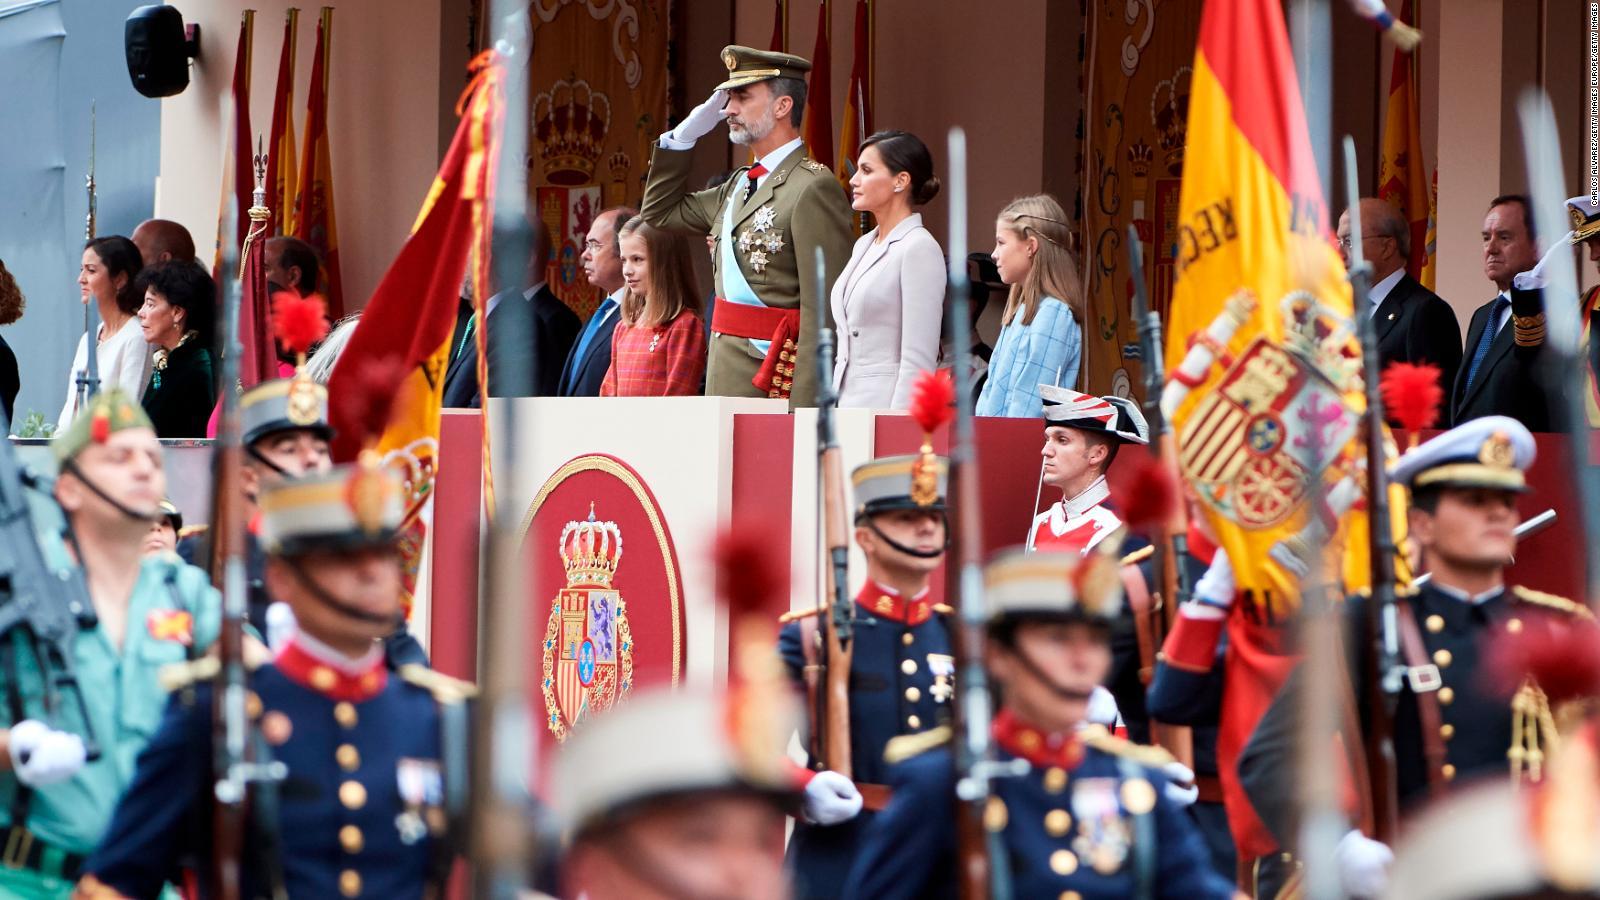 181012095441-dia-nacional-de-espana-full-169.jpg